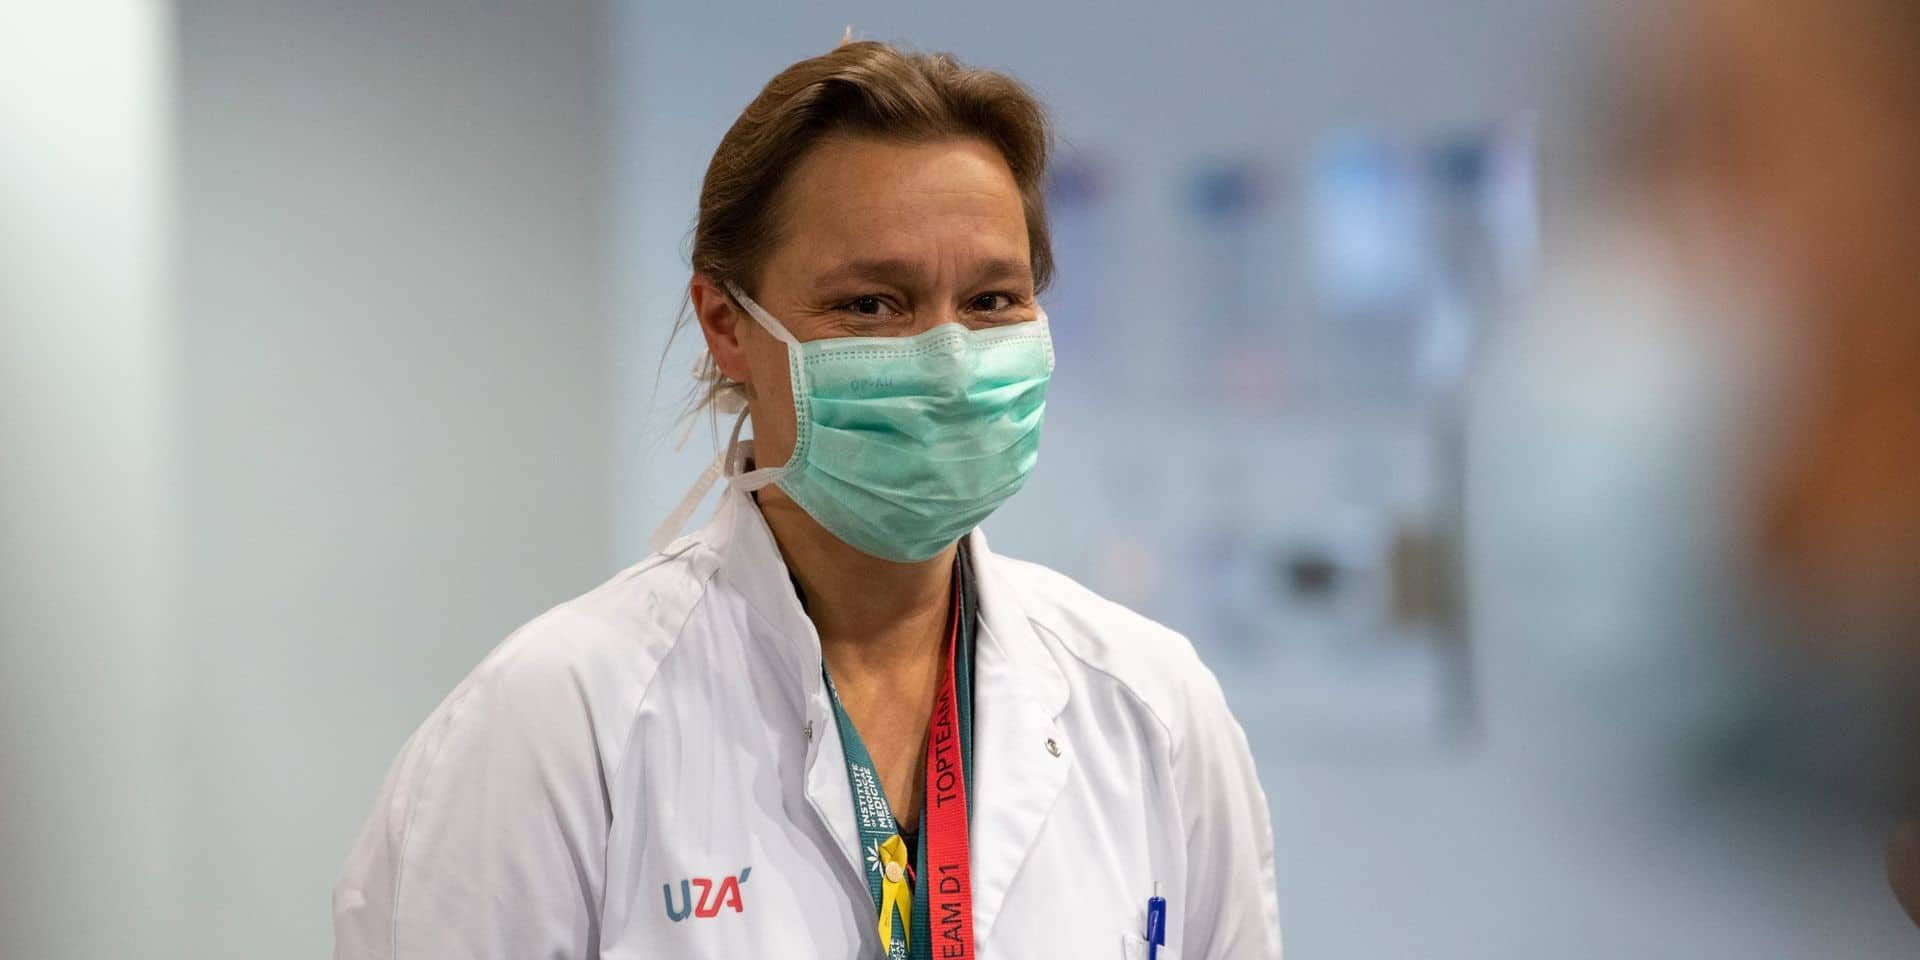 """Pour Erika Vlieghe, """"nous devrions arrêter de râler"""" à propos des mesures sanitaires"""